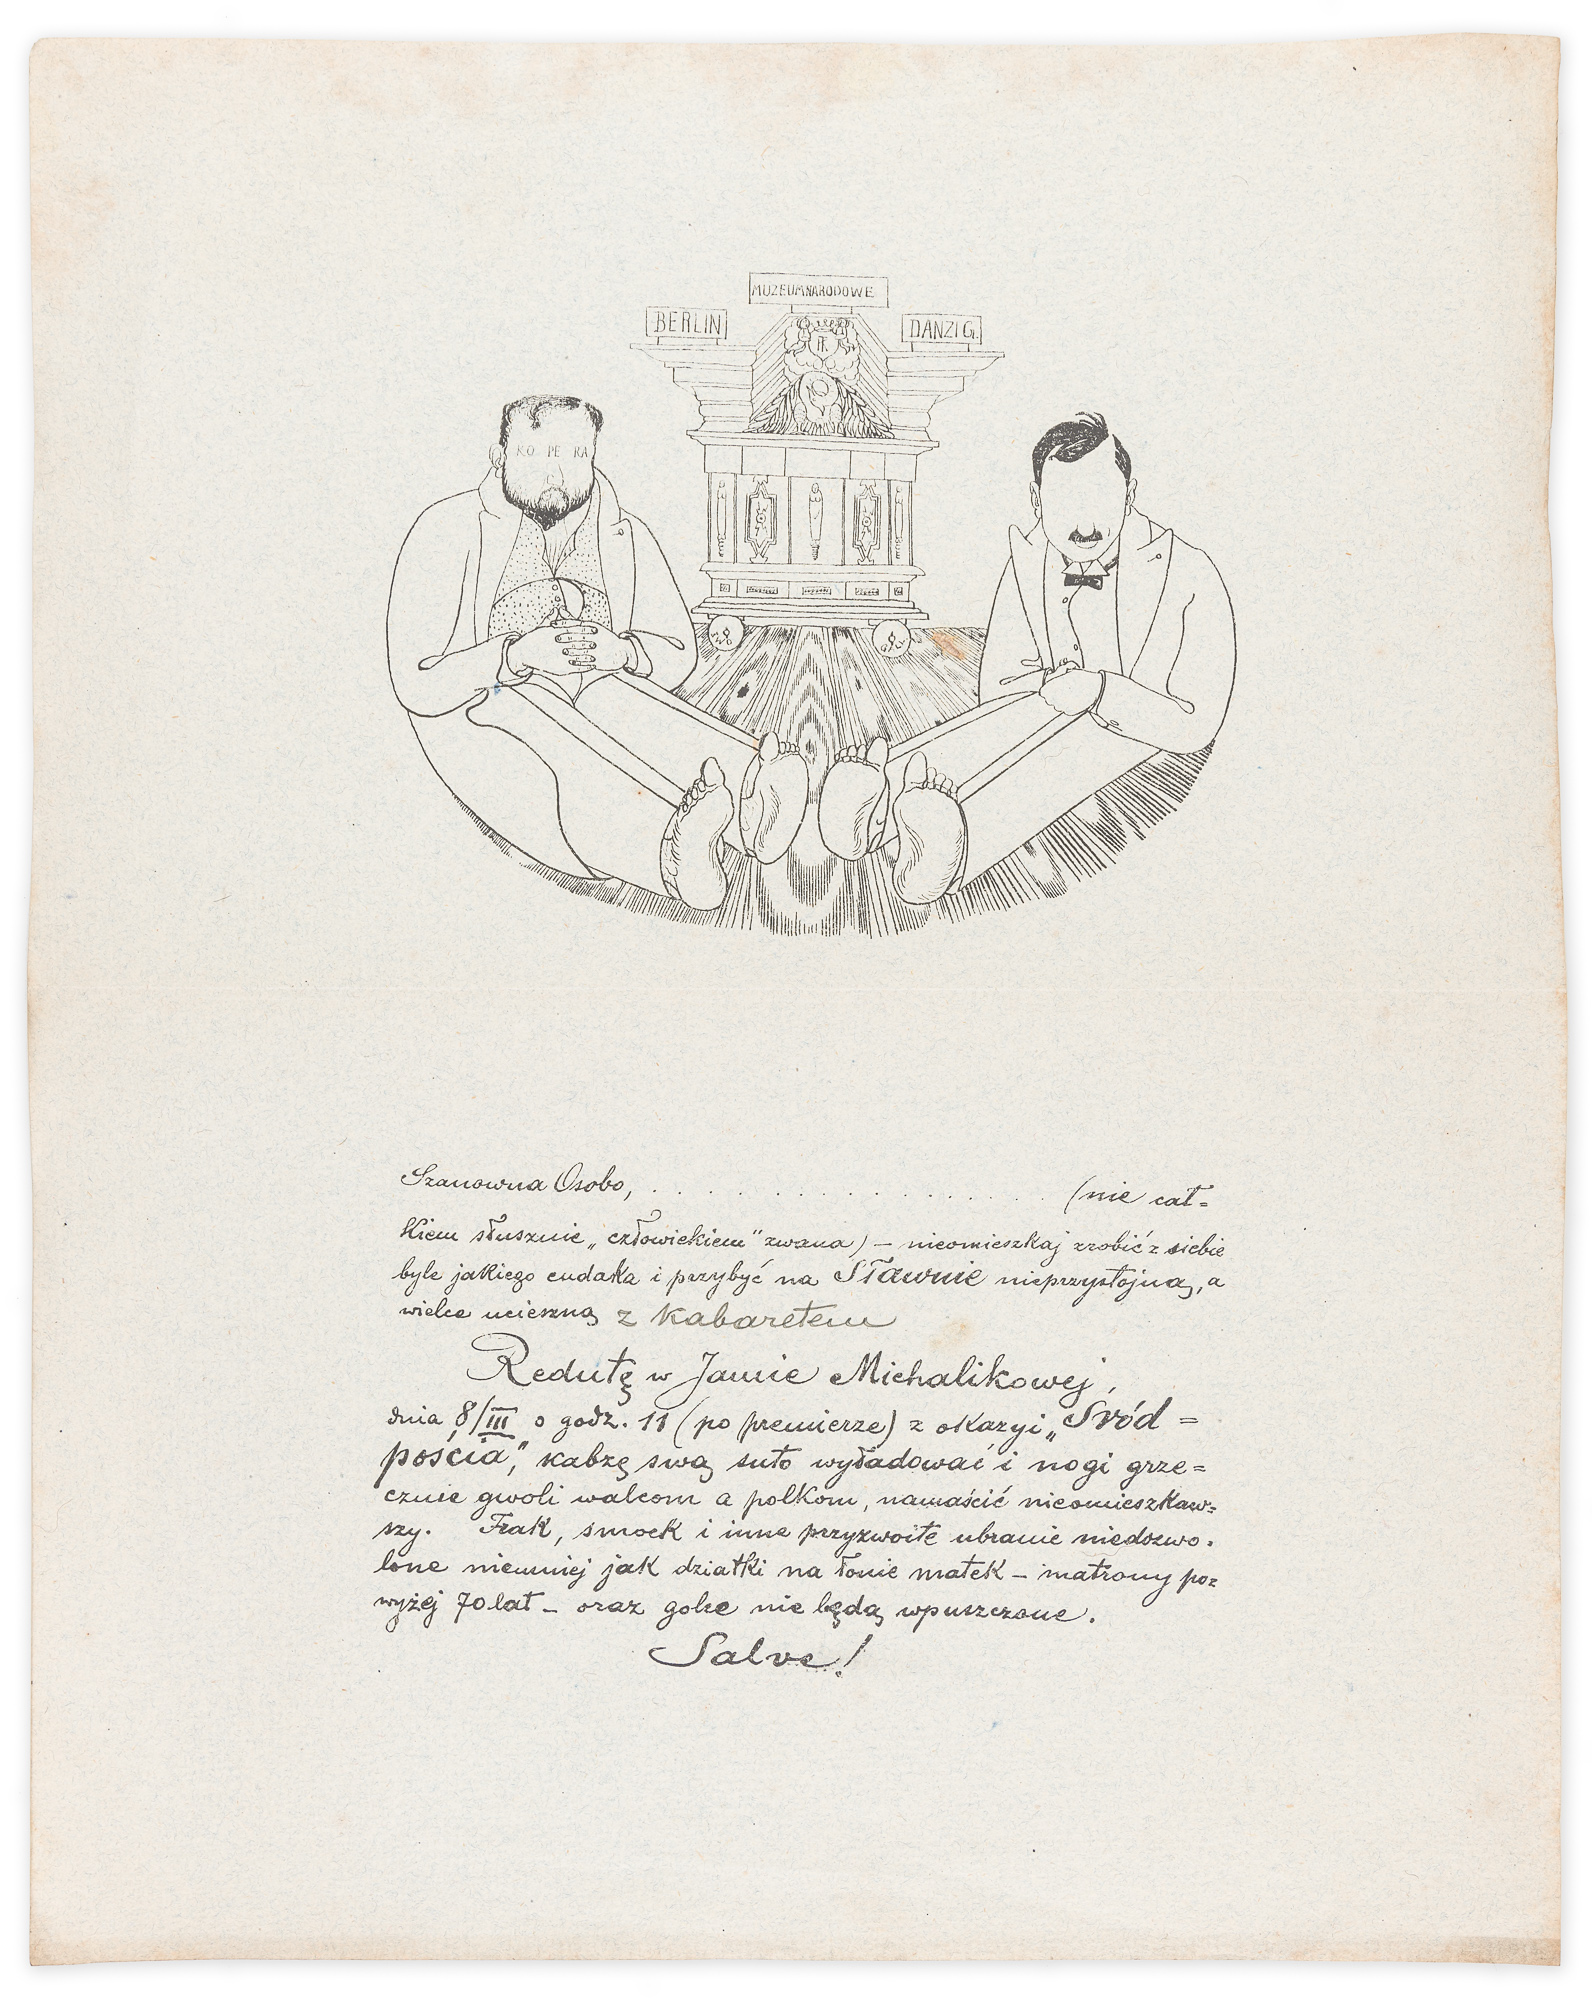 """Zaproszenie na """"Redutę w Jamie Michalikowej"""" 8 III [1914?]"""